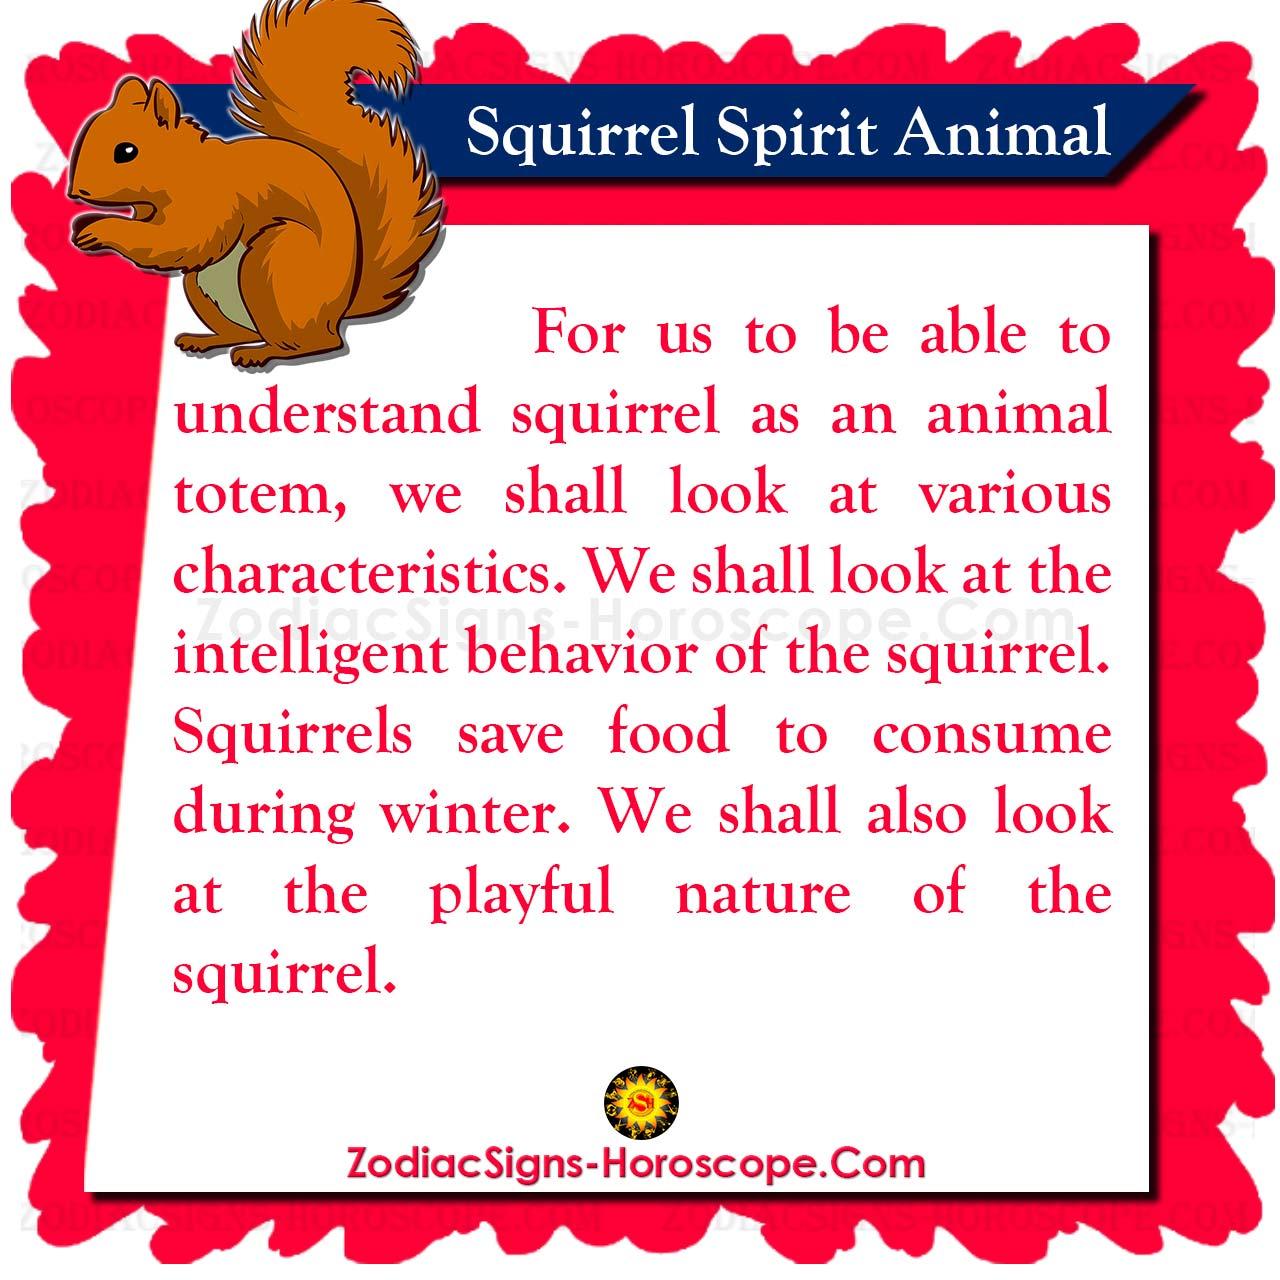 squirrel spirit animal meaning